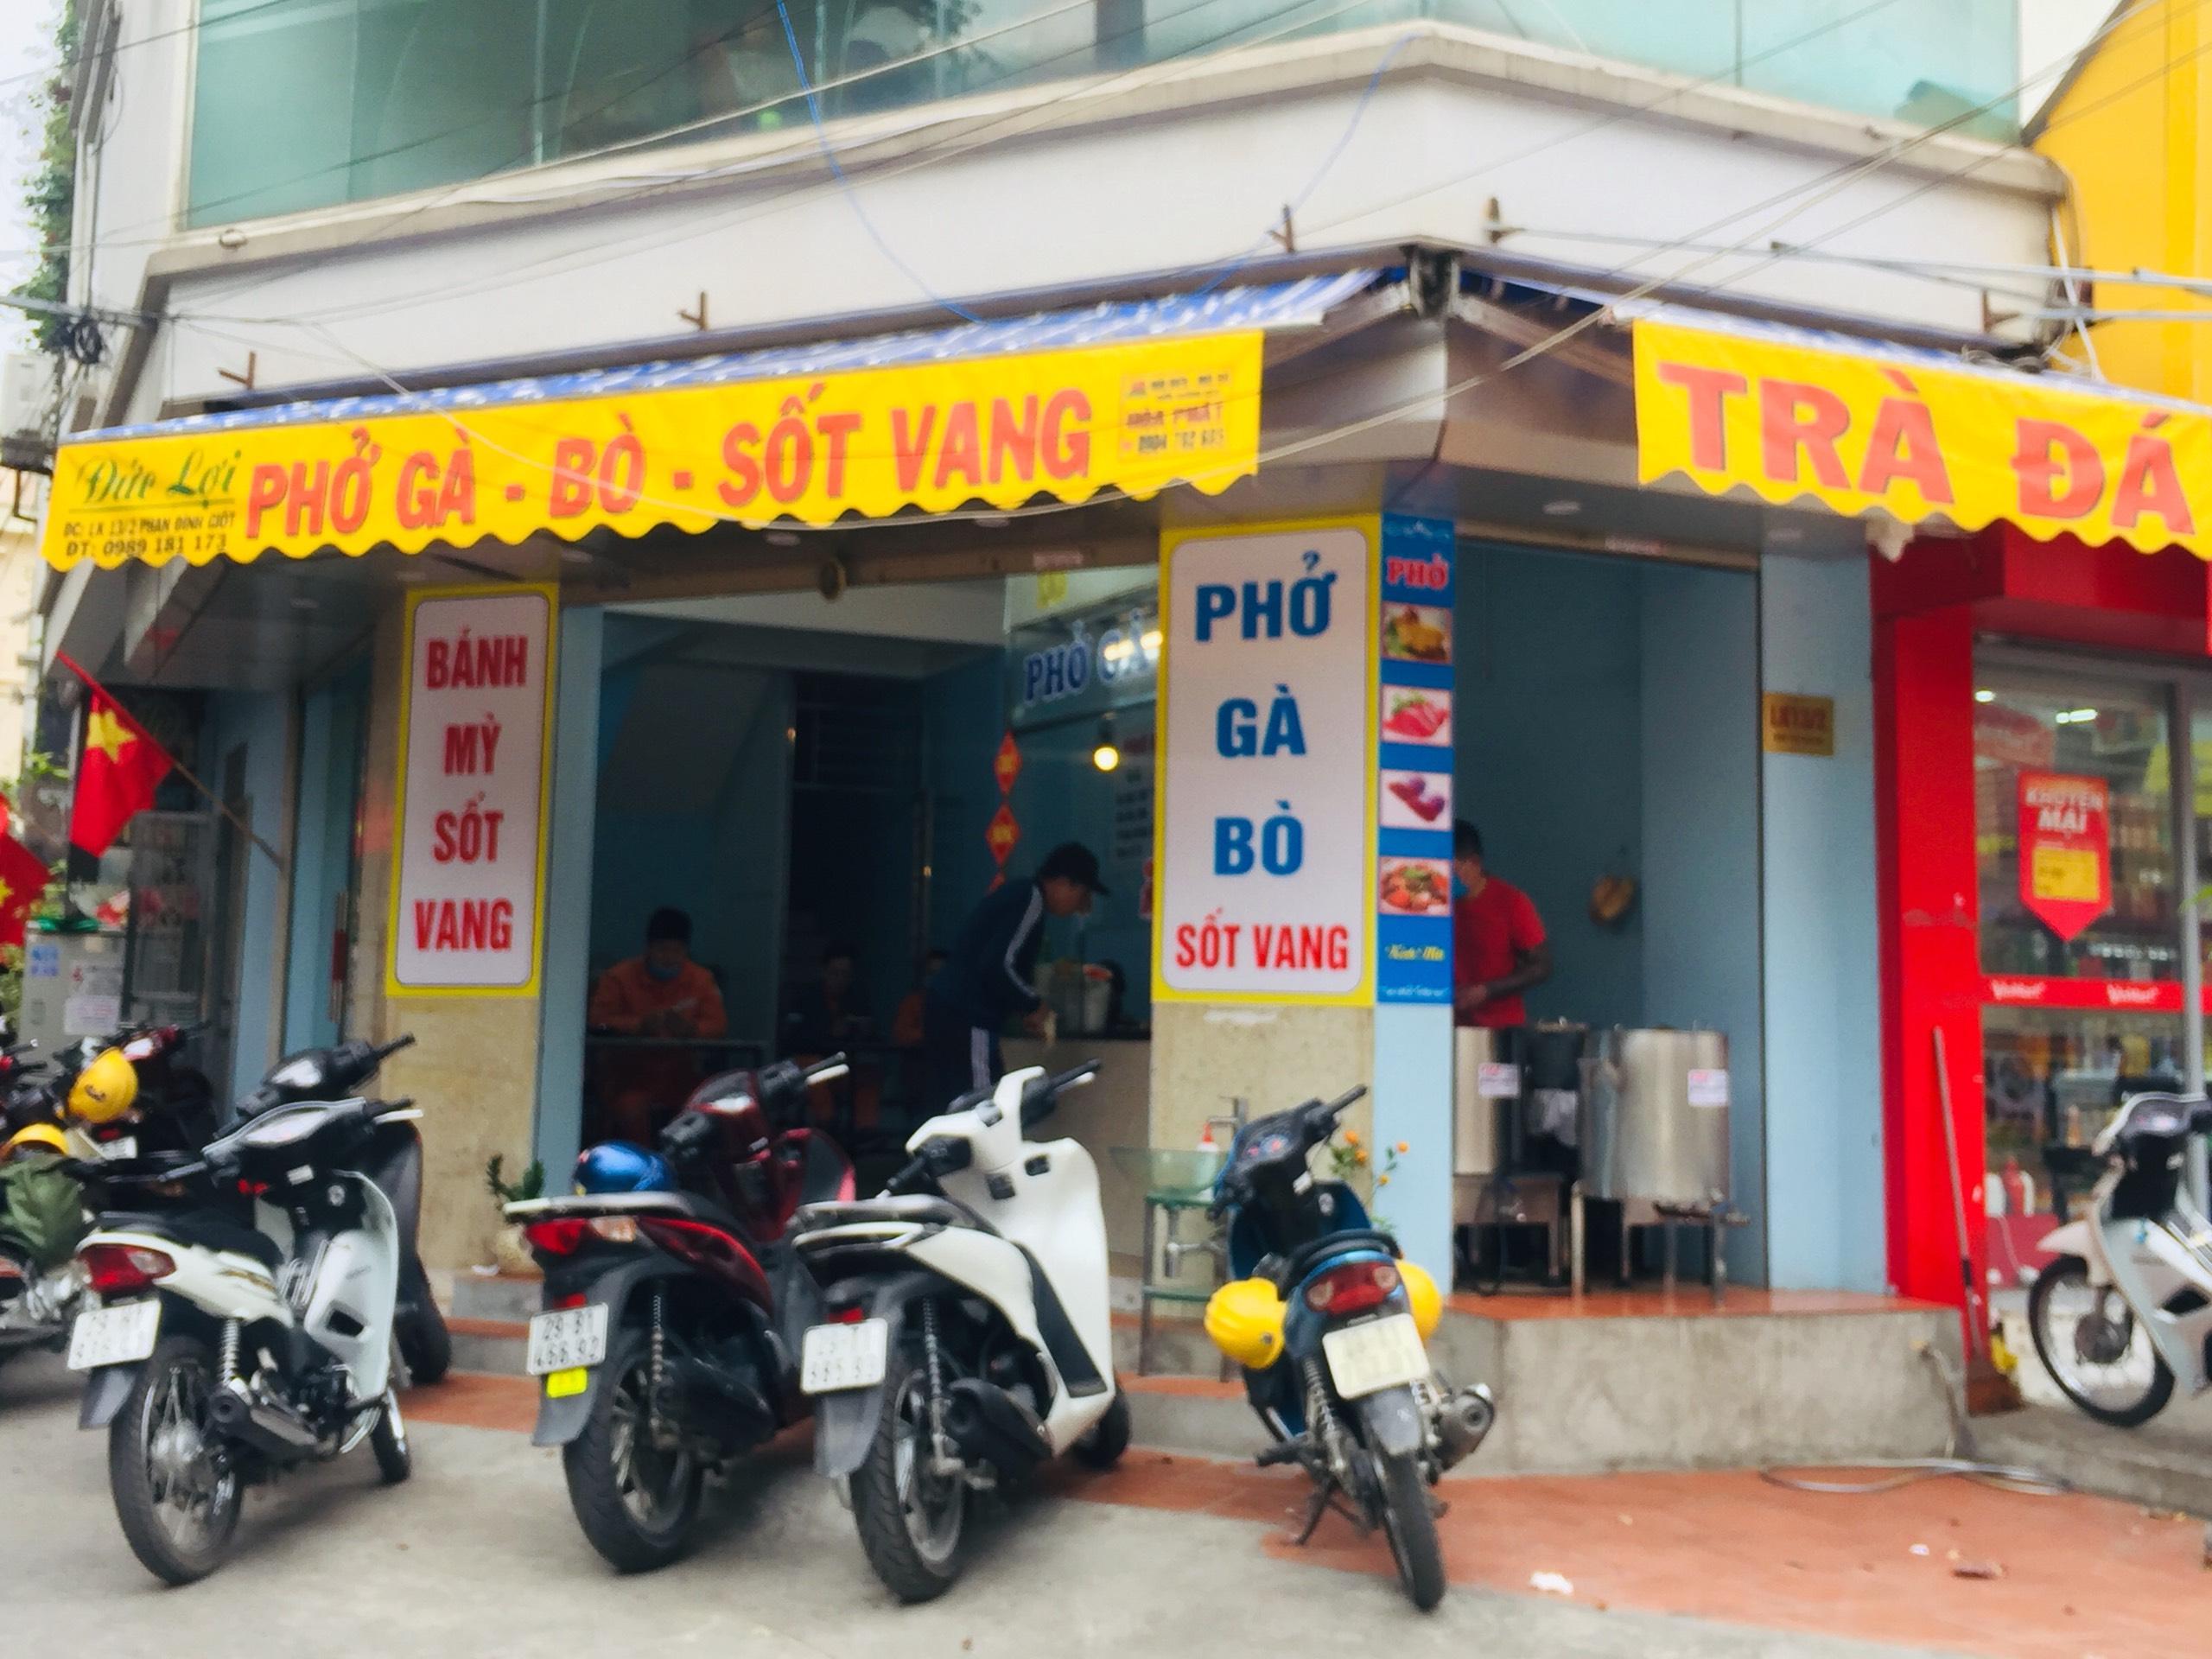 Tuy nhiên tại quận Hà Đông vẫn còn một số hàng quán ngang nhiên hoạt động bất chấp lệnh cấm.